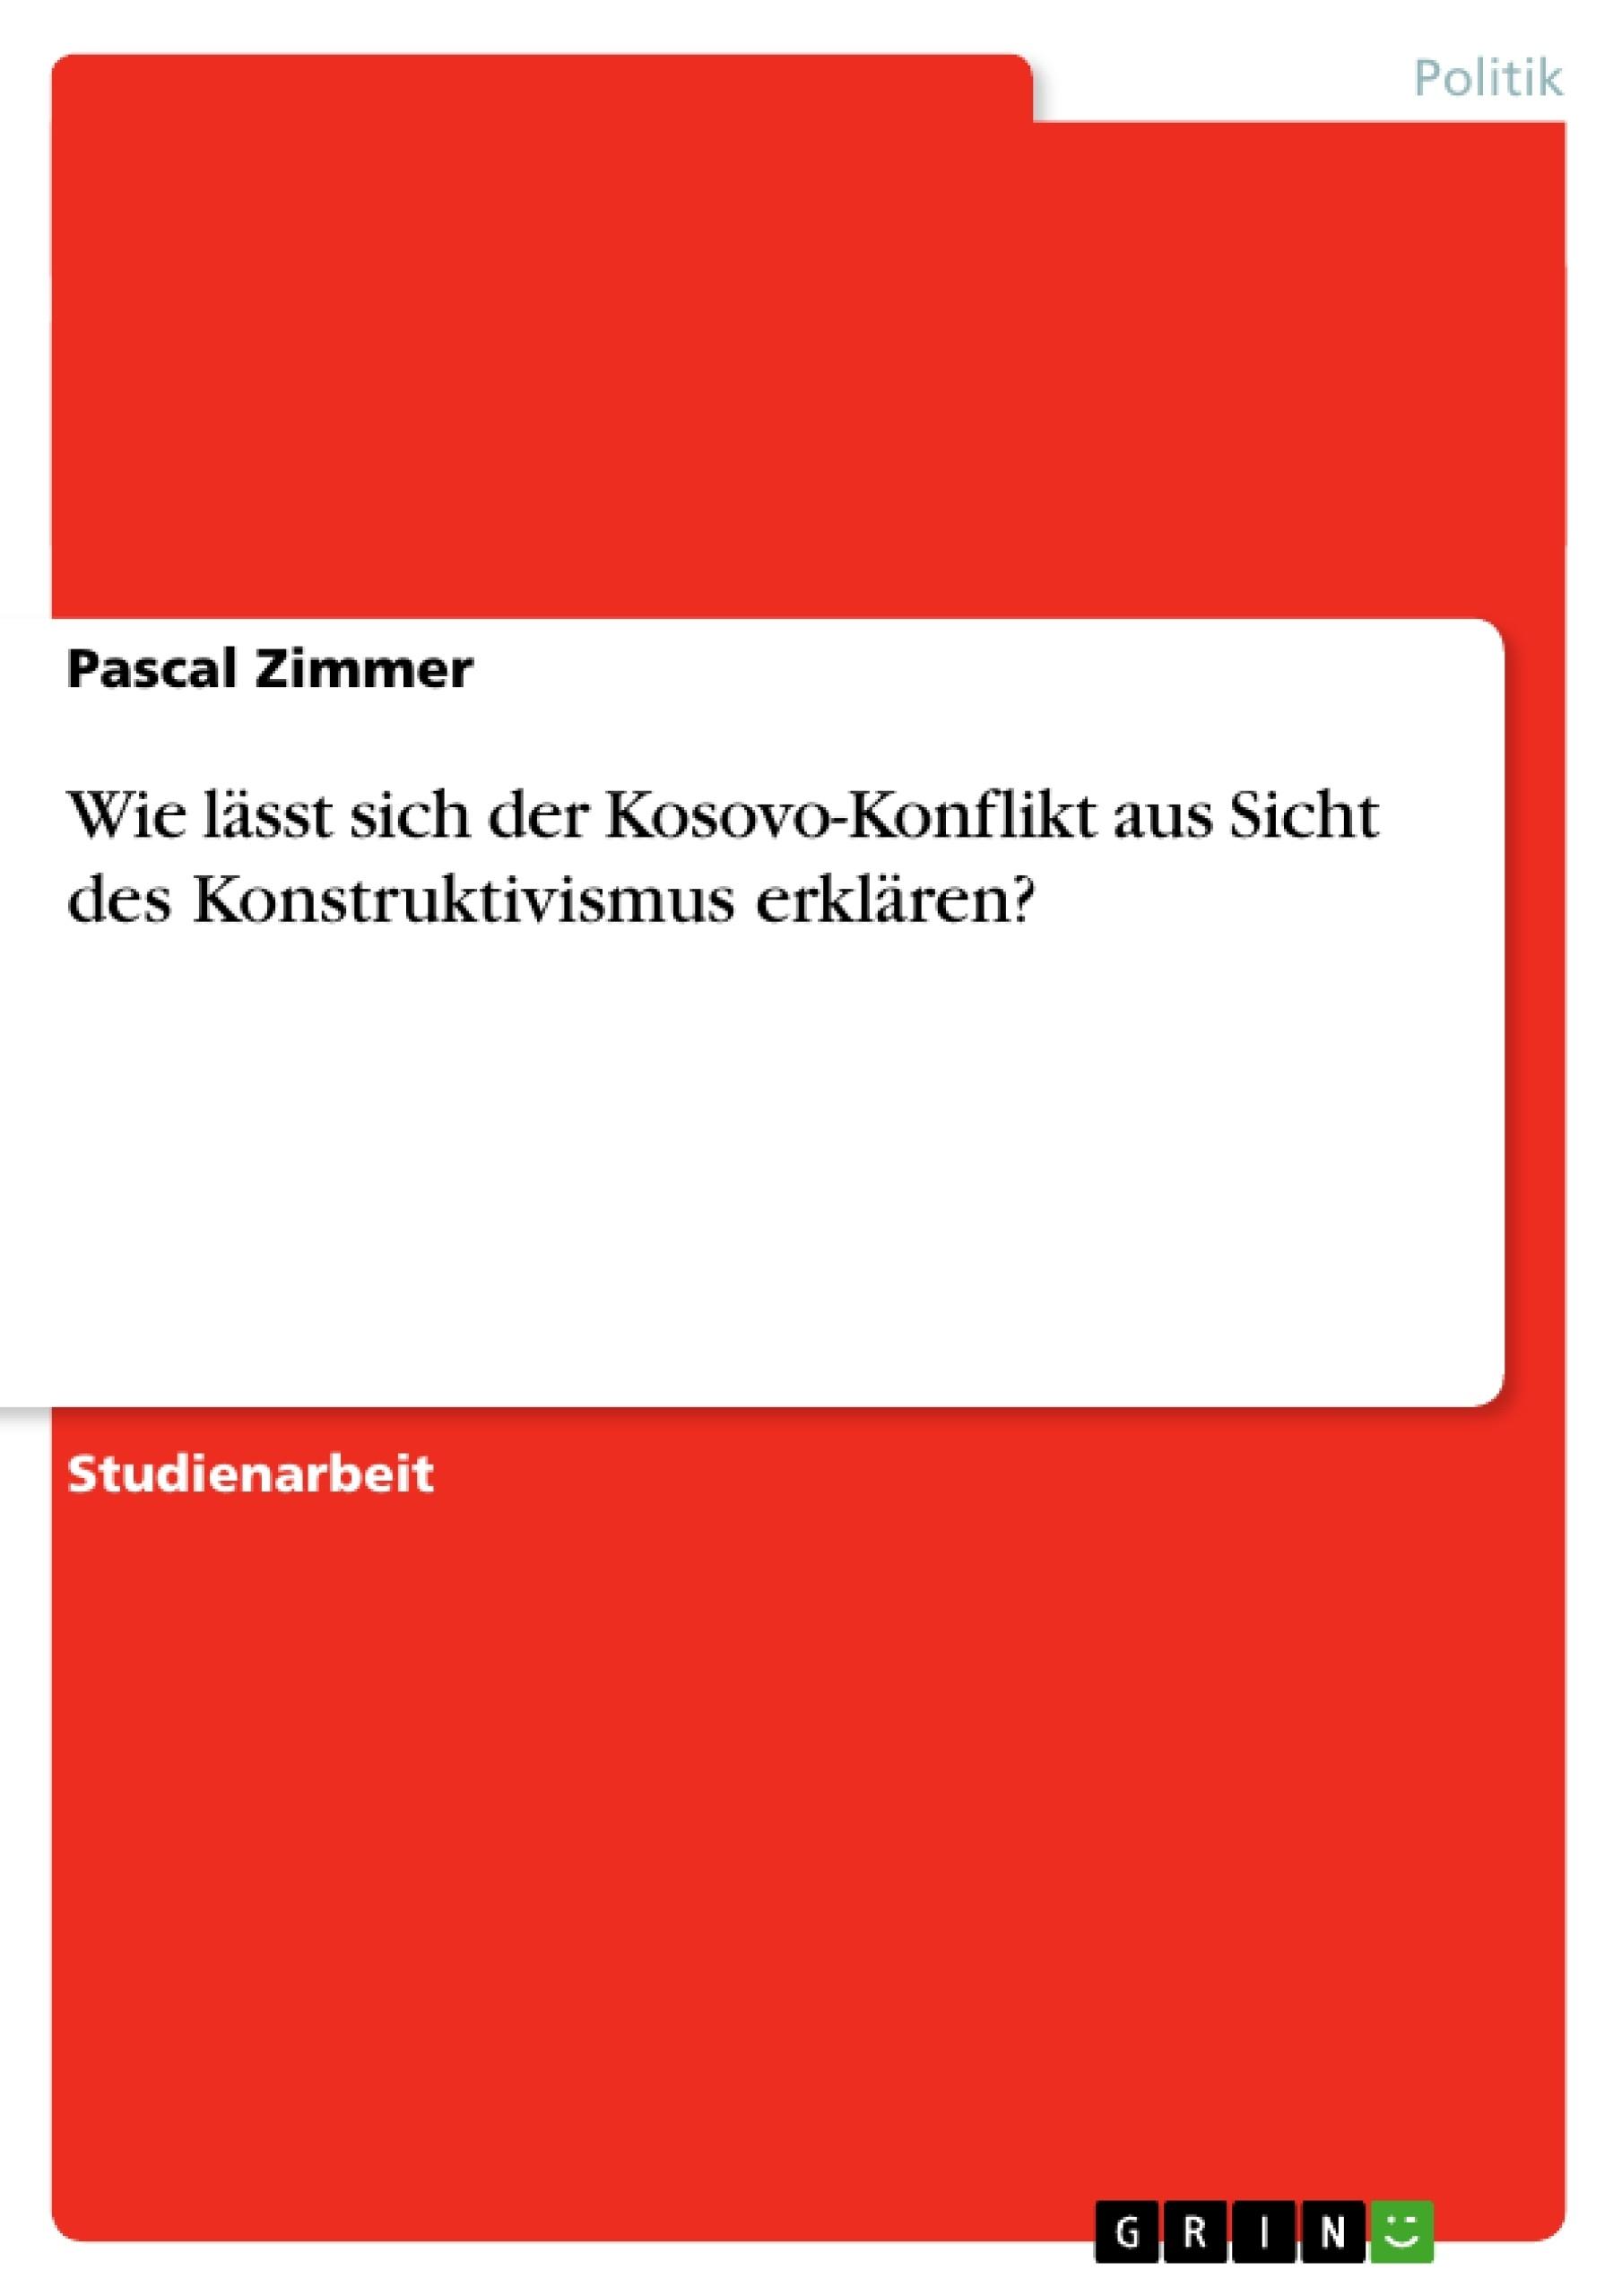 Titel: Wie lässt sich der Kosovo-Konflikt aus Sicht des Konstruktivismus erklären?